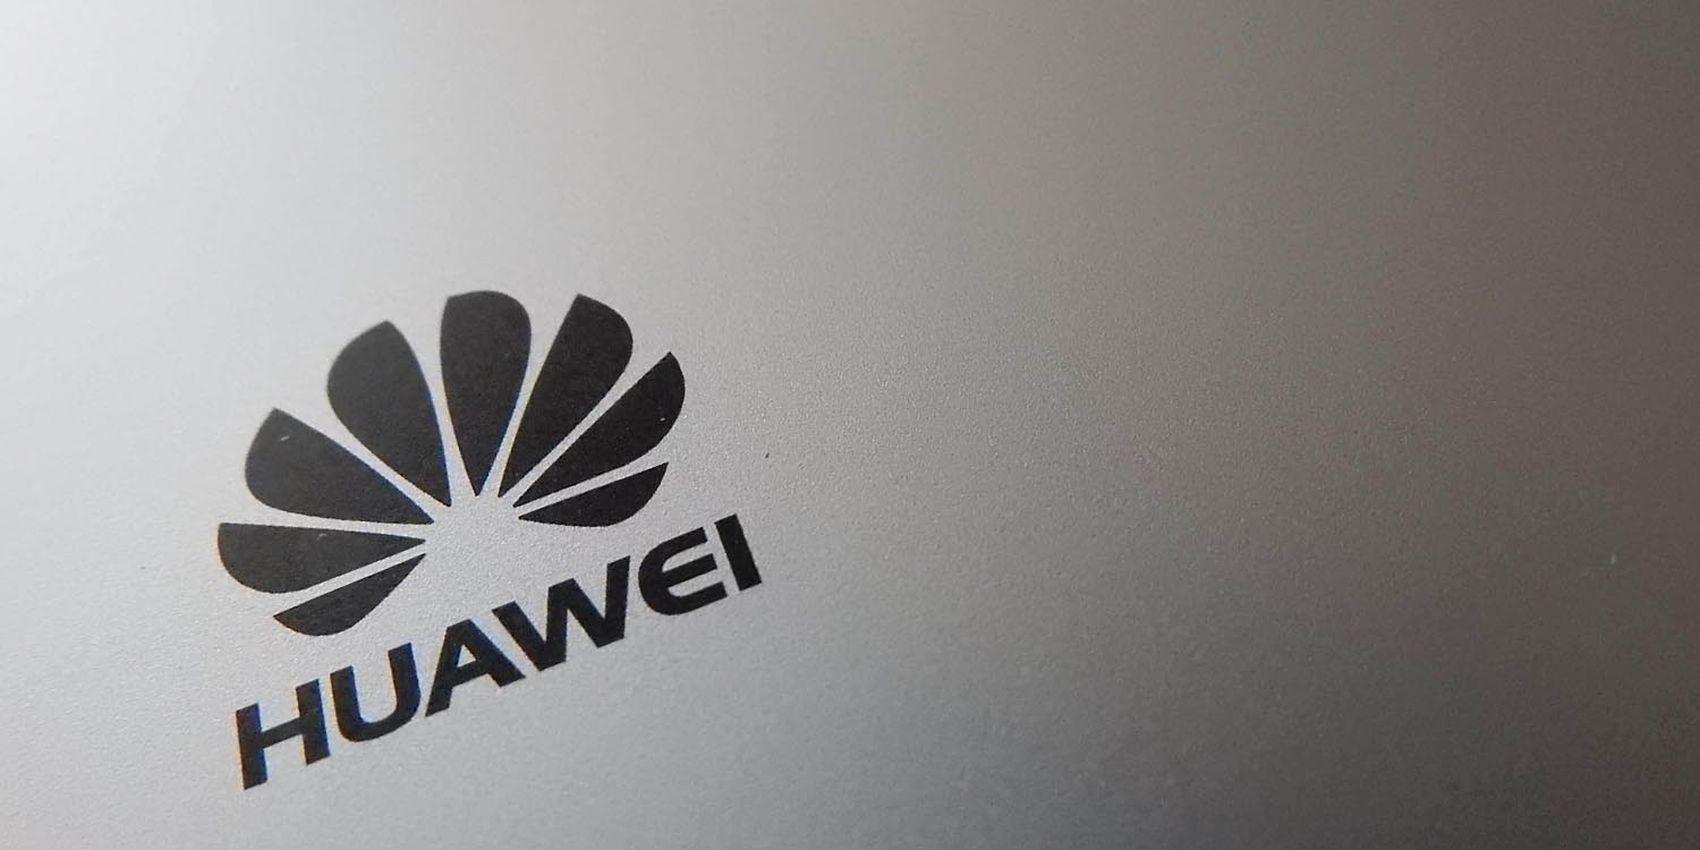 2018 China Huawei Canada Arrest